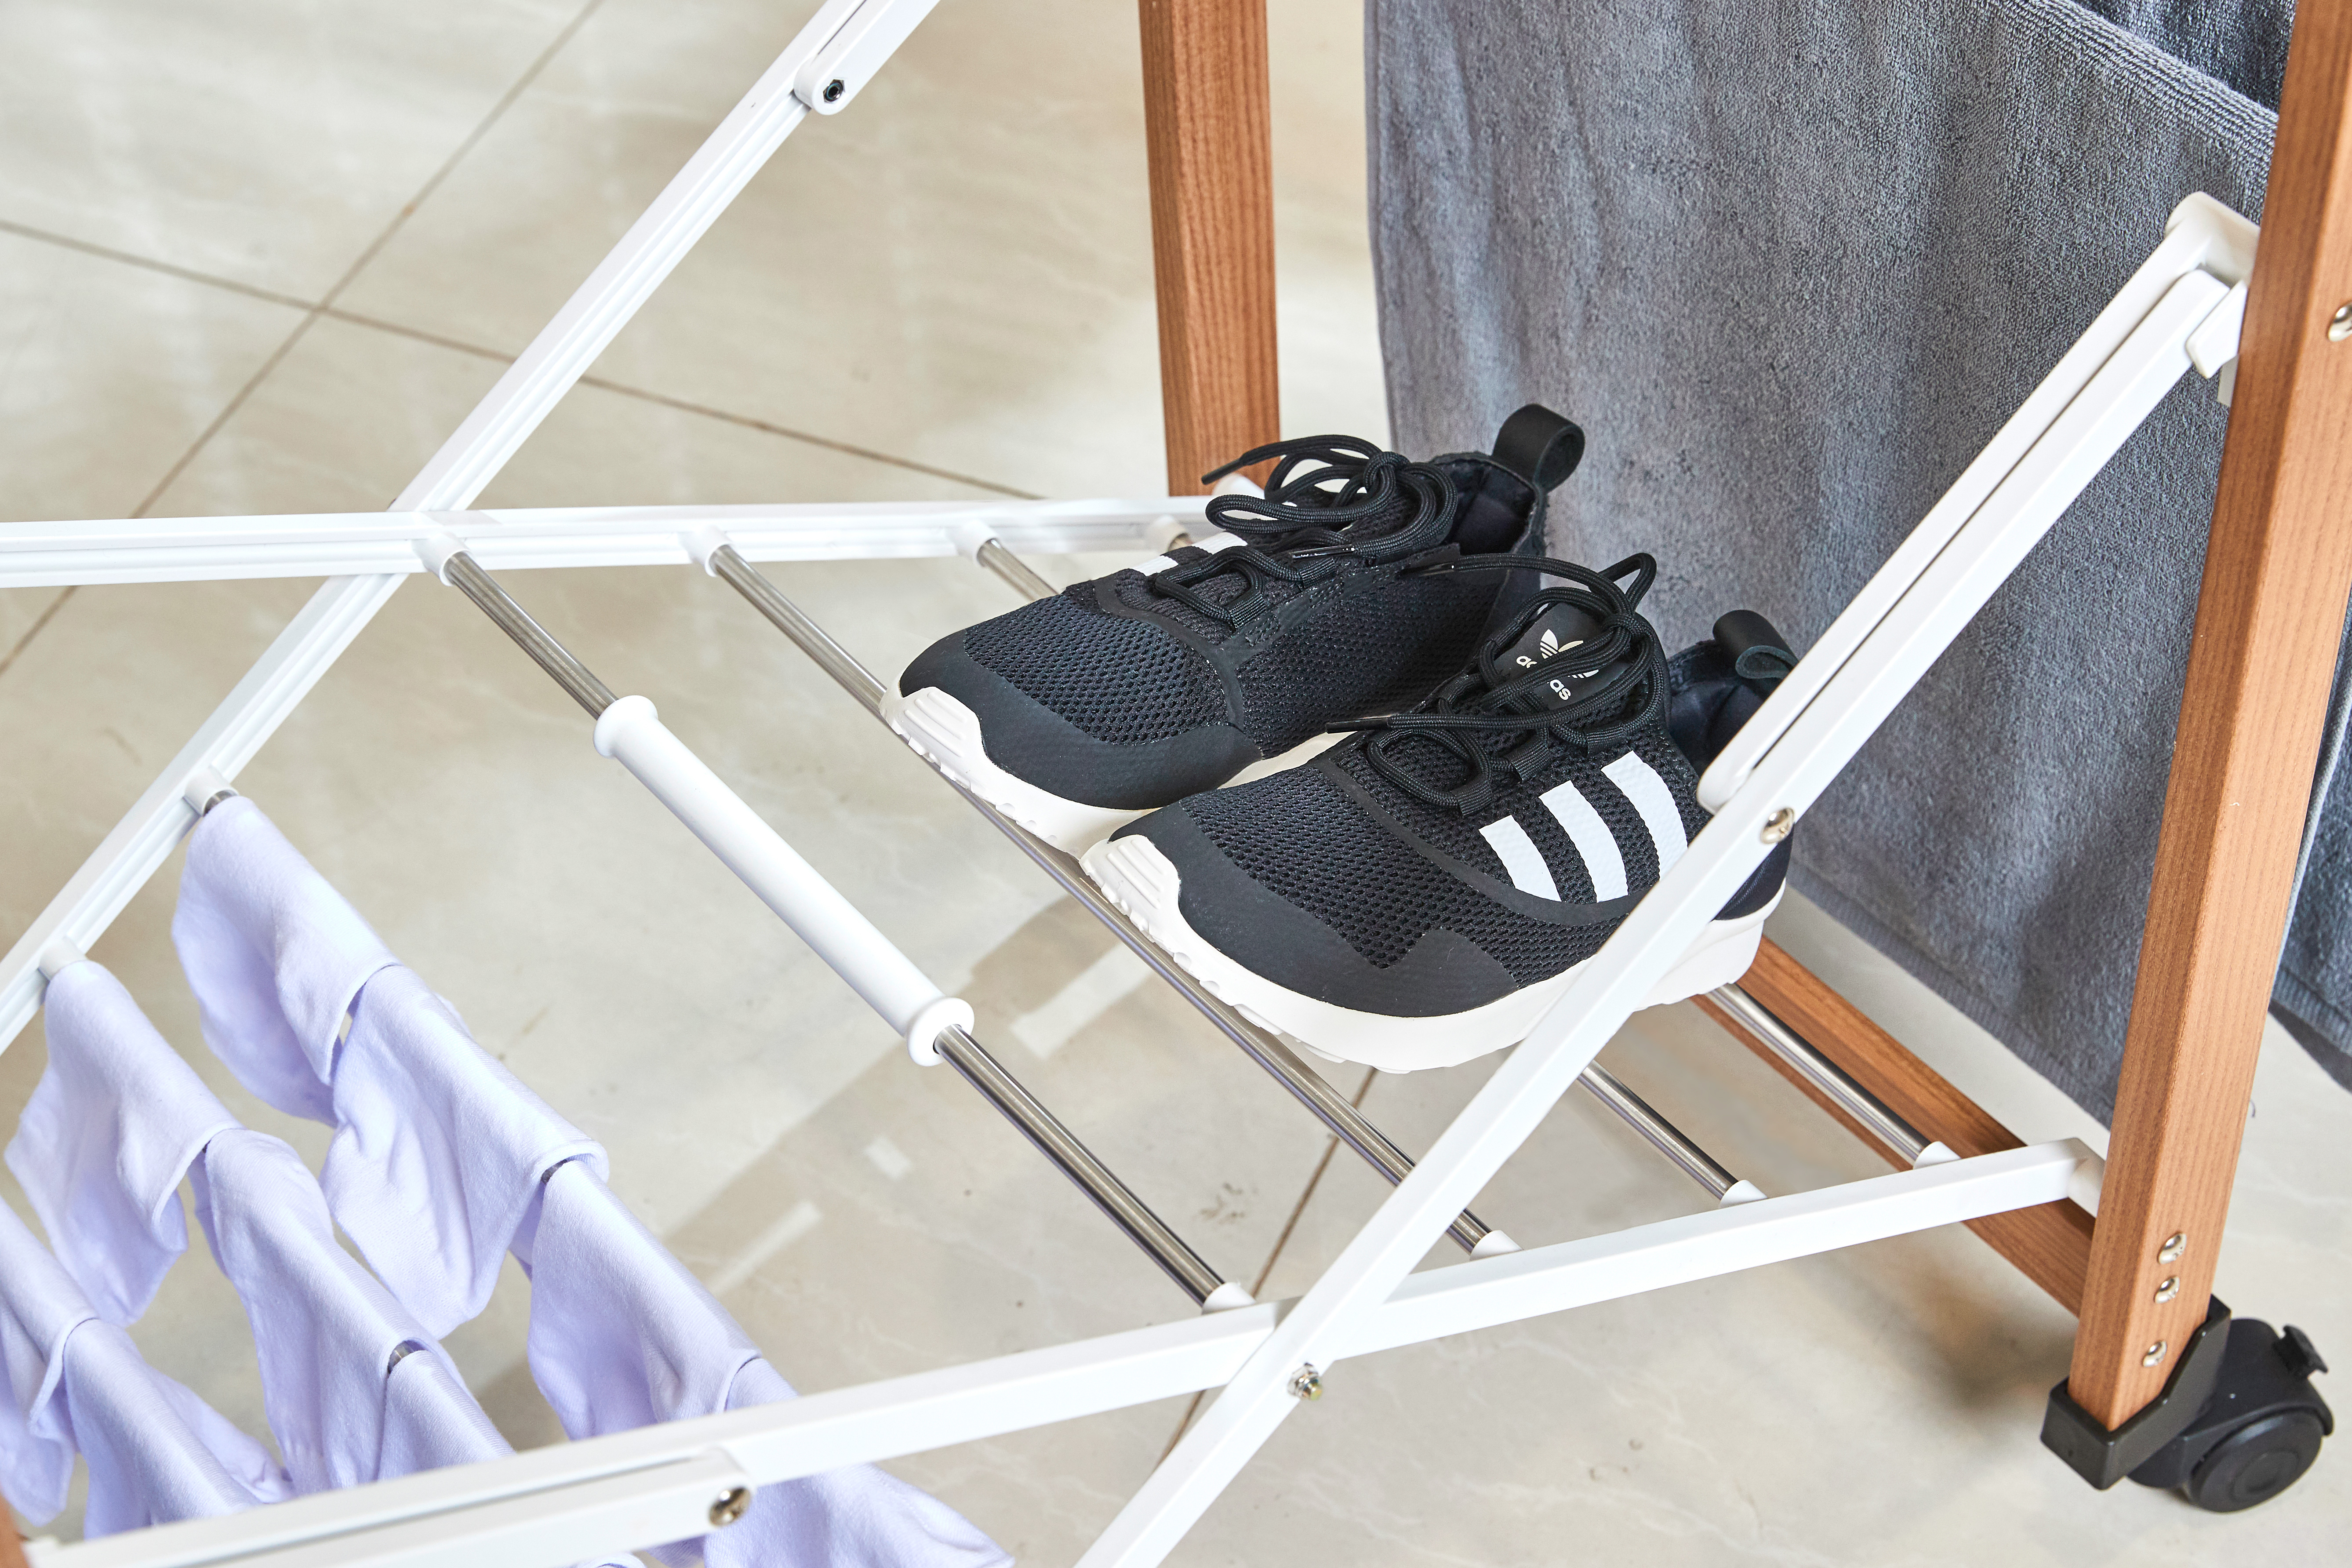 雨でぬれた靴を部屋で乾かす